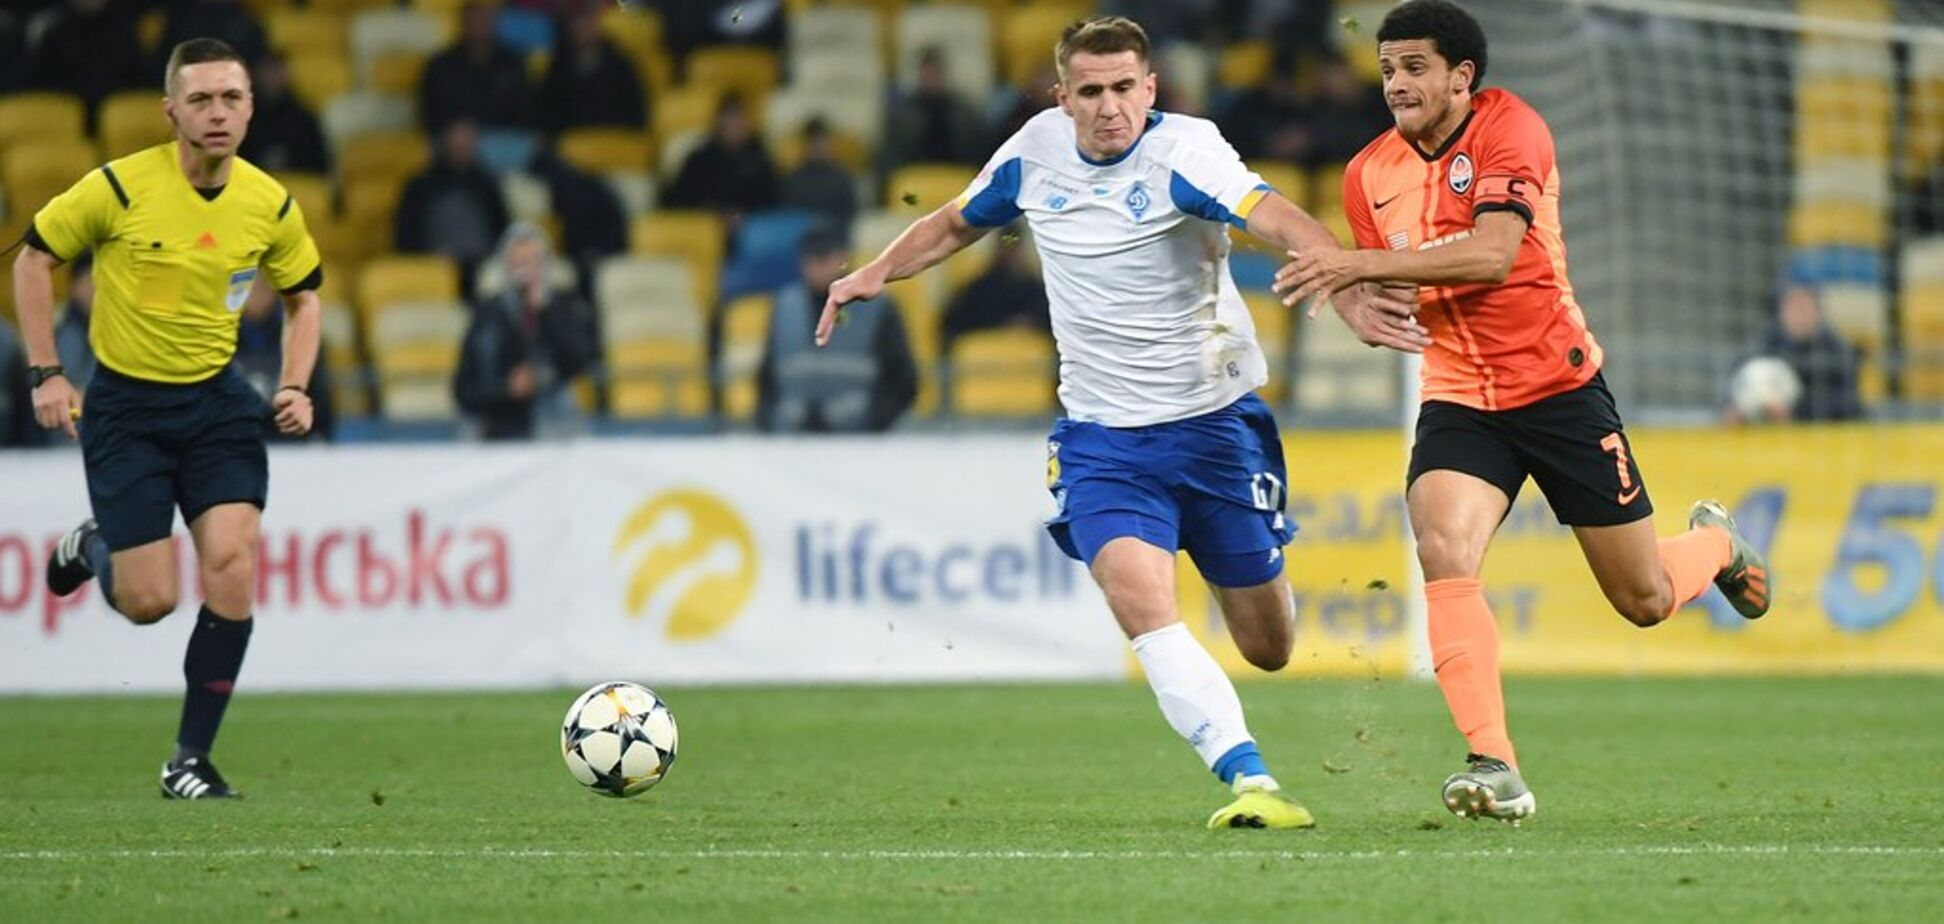 Впервые в истории! 'Динамо' в матче-триллере выбило 'Шахтер' из Кубка Украины